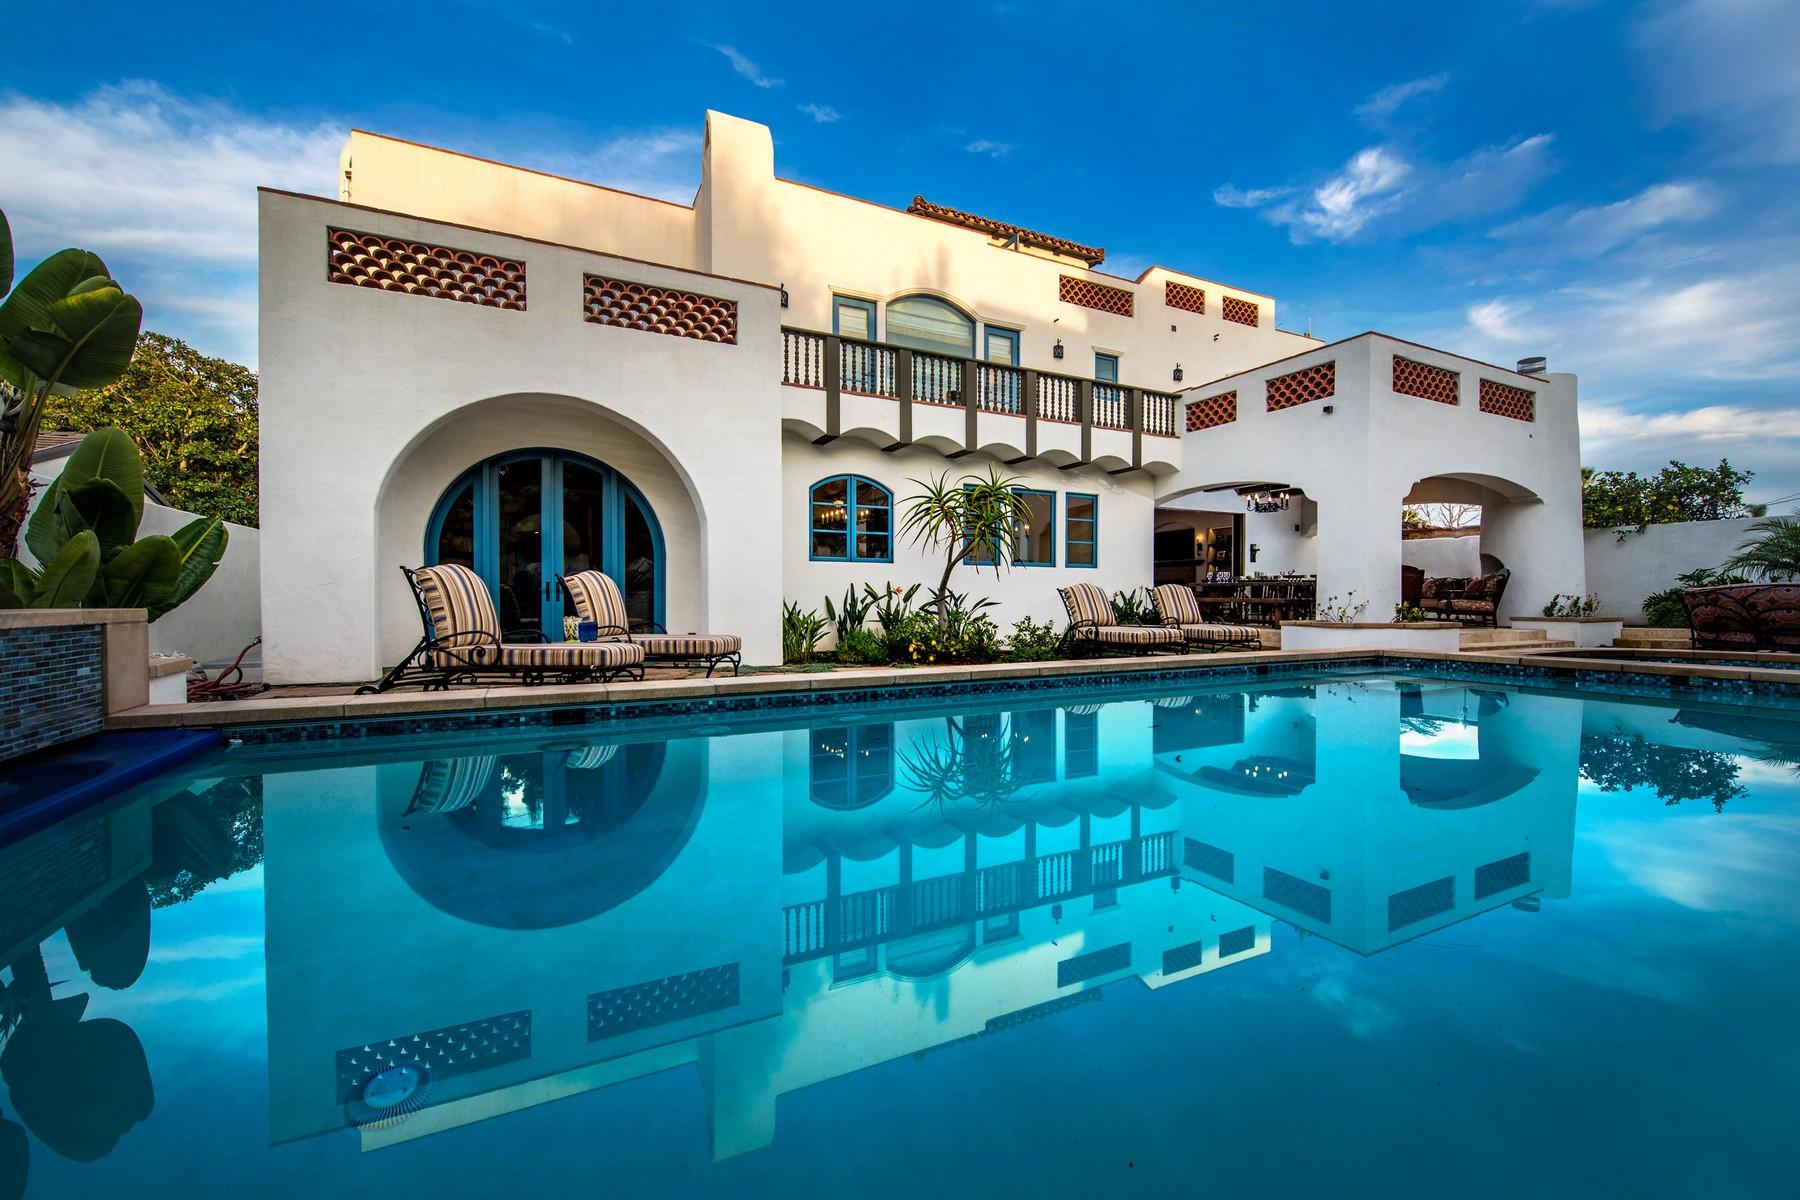 Casa Unifamiliar por un Venta en 1100 Alameda 1100 Alameda Blvd Coronado, California 92118 Estados Unidos